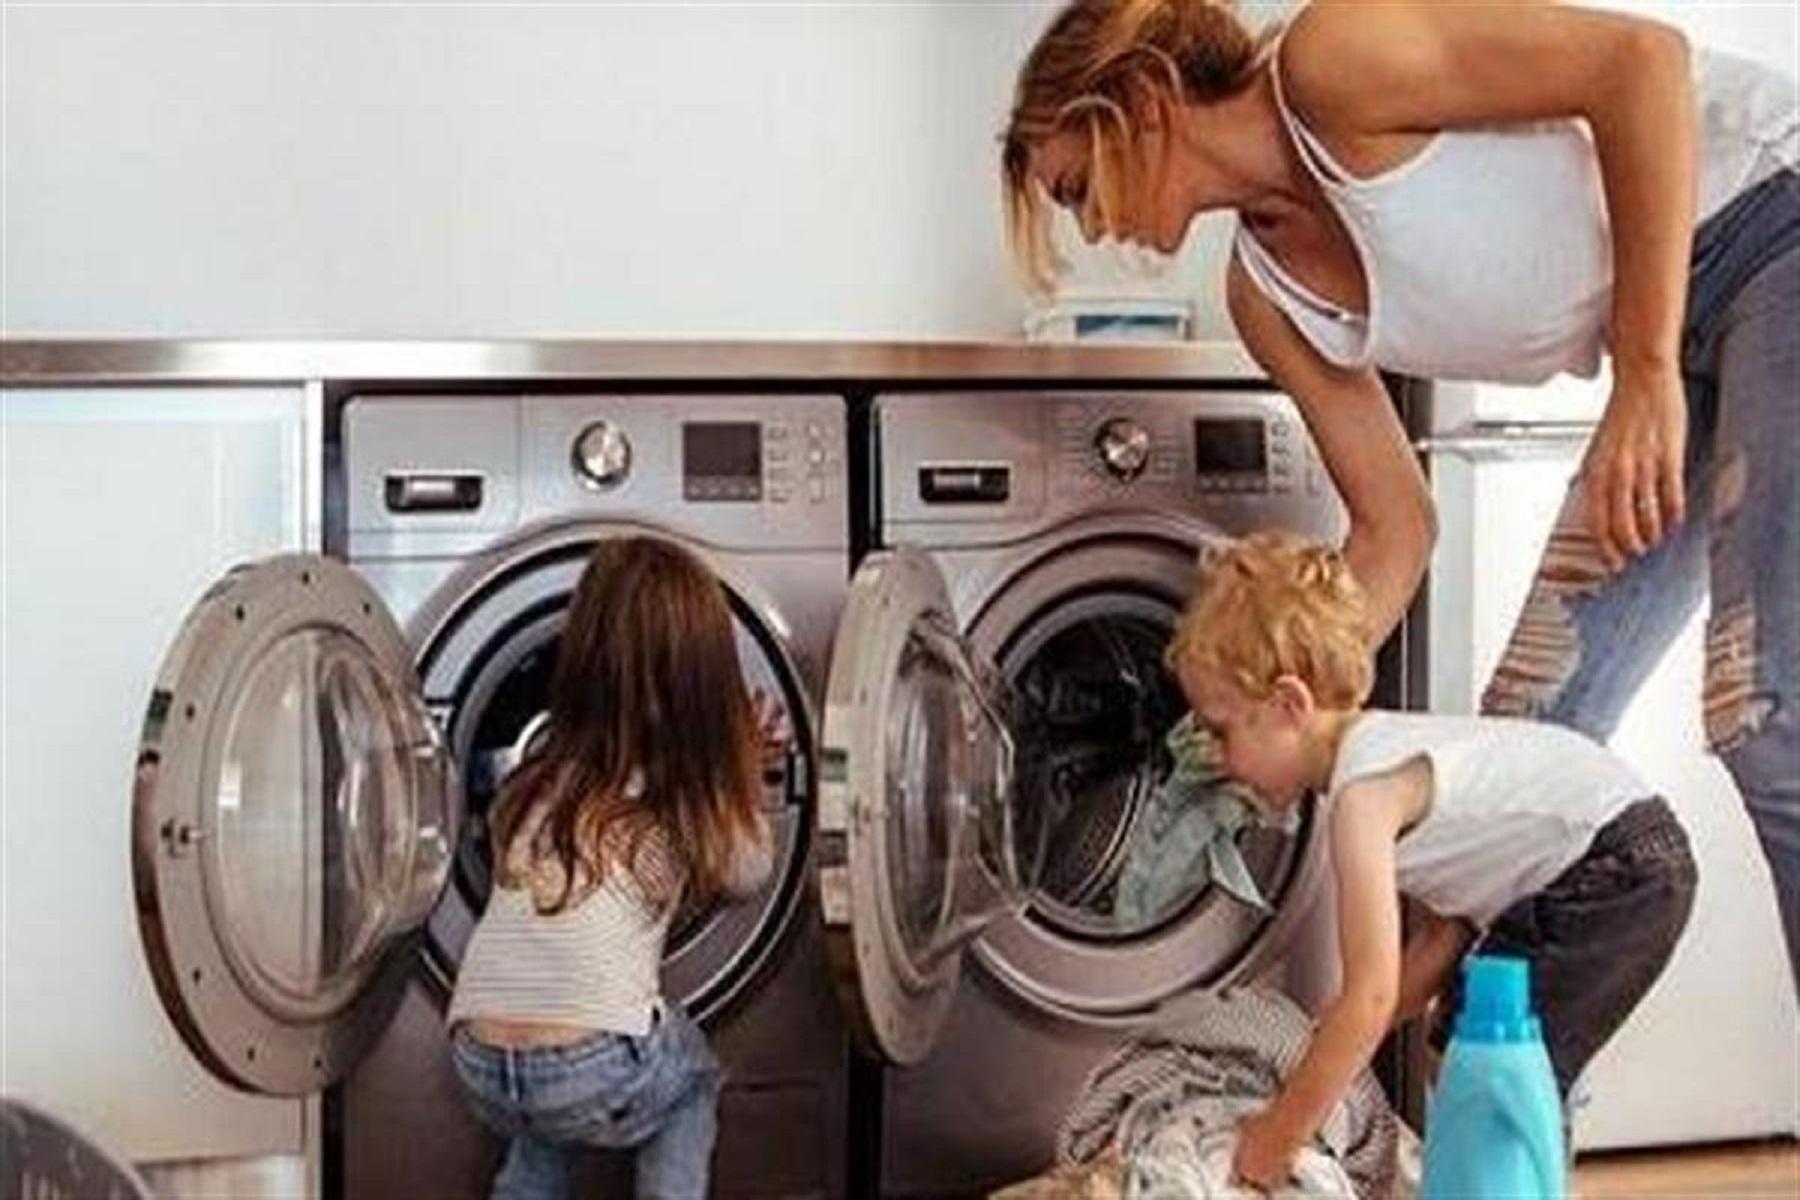 Πλυντήριο Αντικείμενα: Τίποτα δεν είναι χειρότερο από τα χαλασμένα ρούχα και μια βλάβη στο μηχάνημα πλύσης